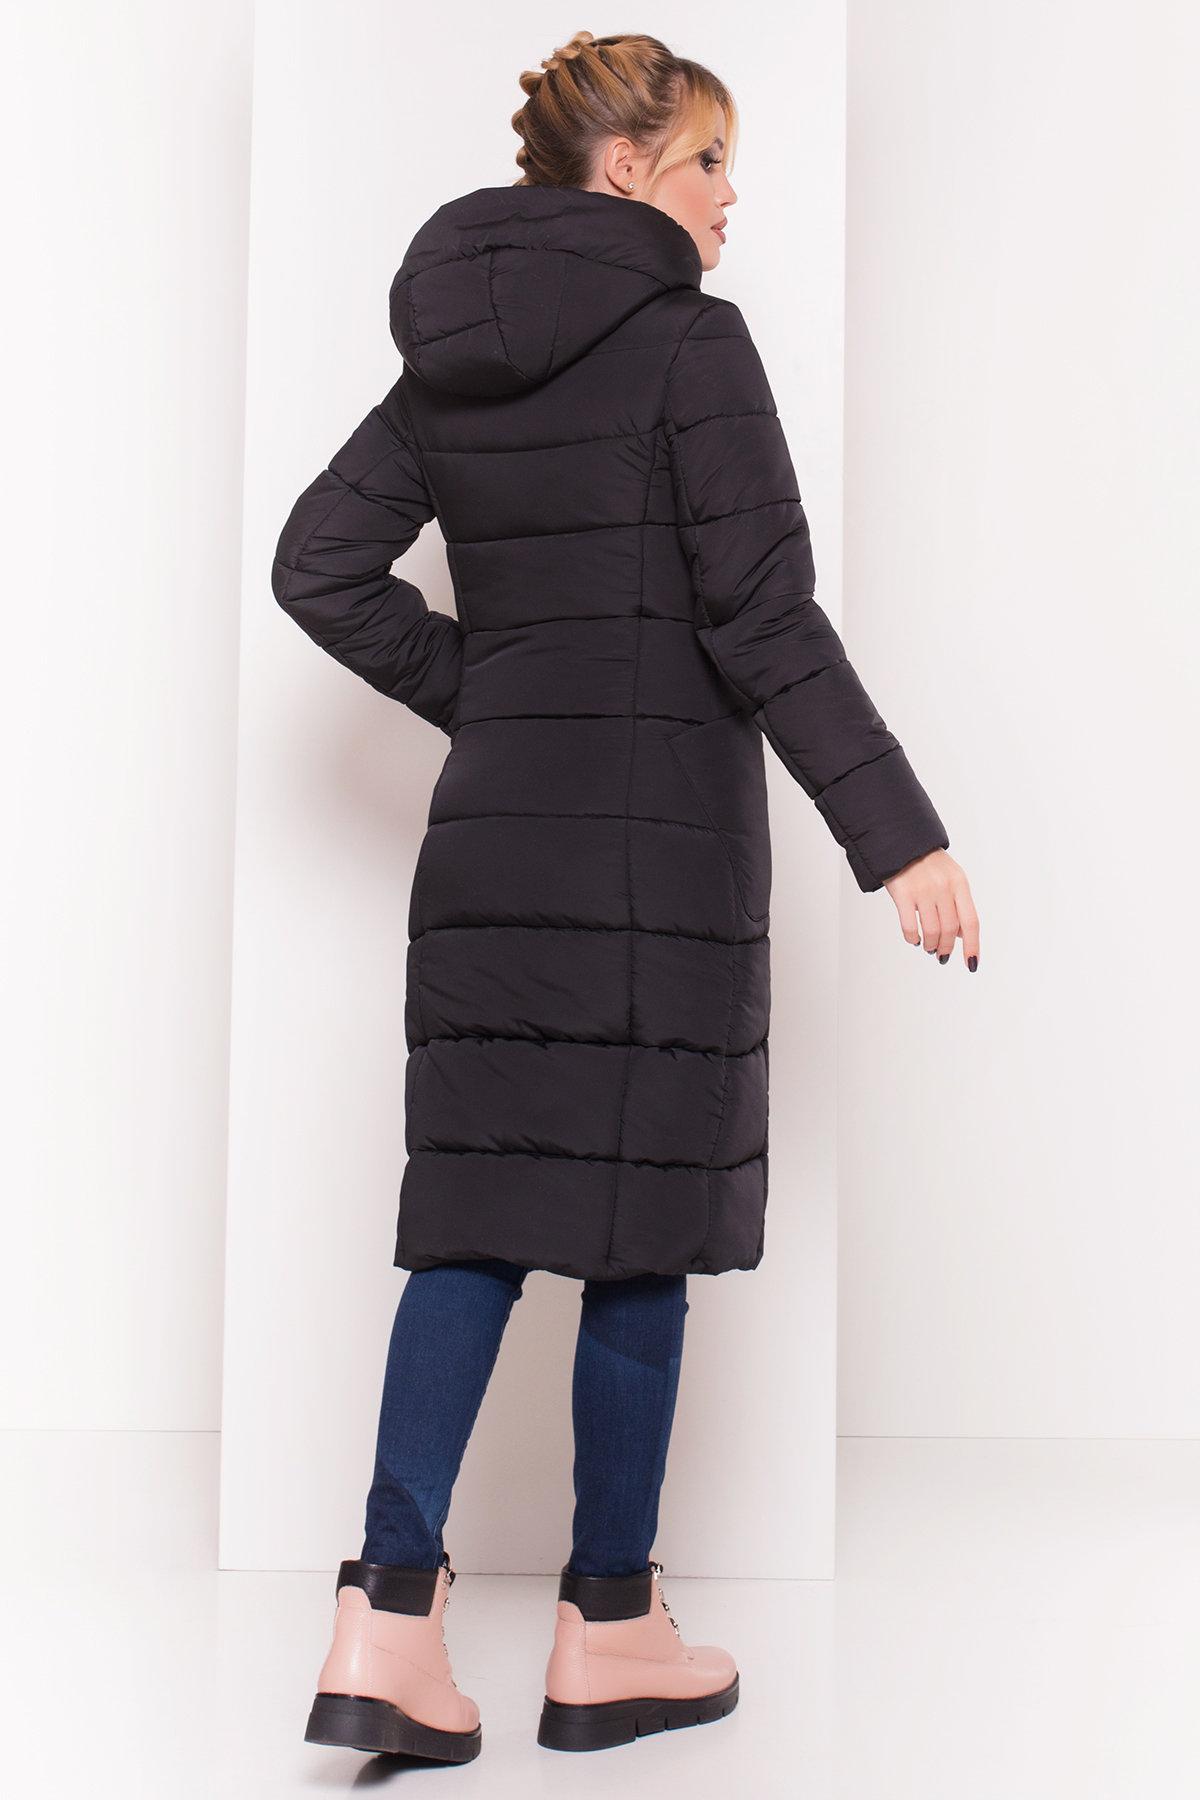 Пуховик-пальто с поясом Жако 5540 АРТ. 37335 Цвет: Черный - фото 2, интернет магазин tm-modus.ru